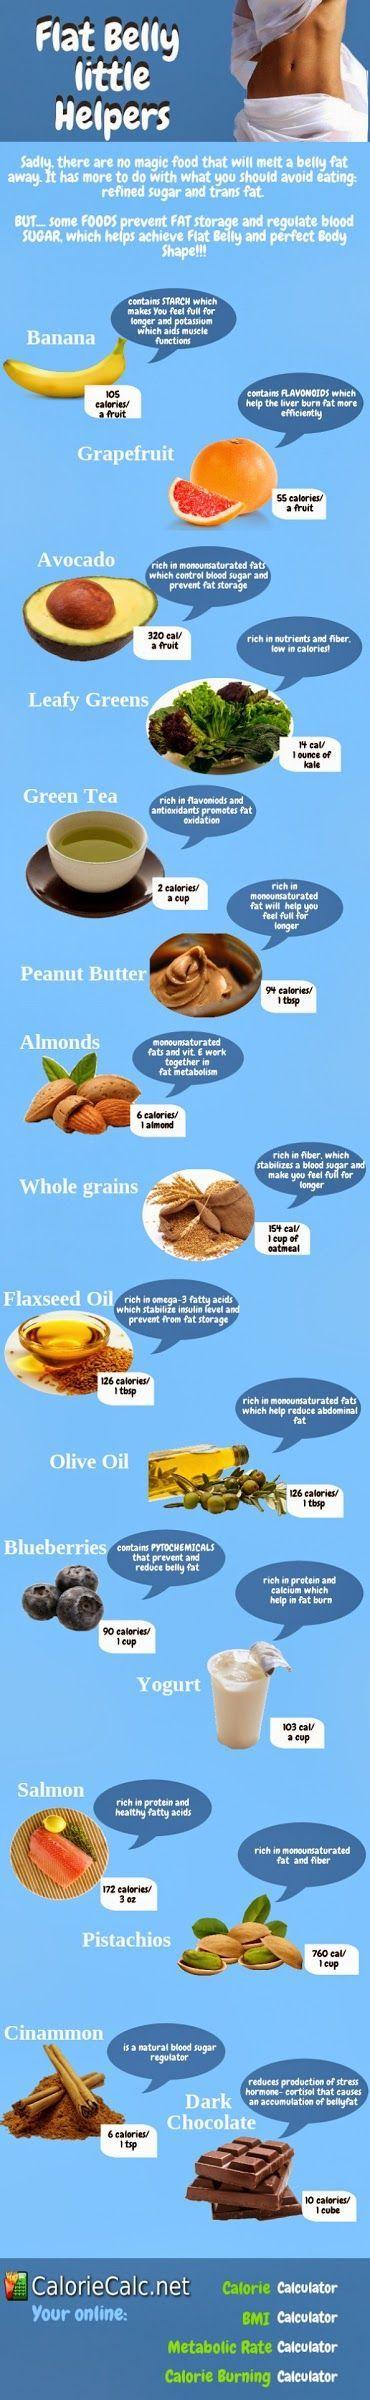 Pure forskolin active ingredient